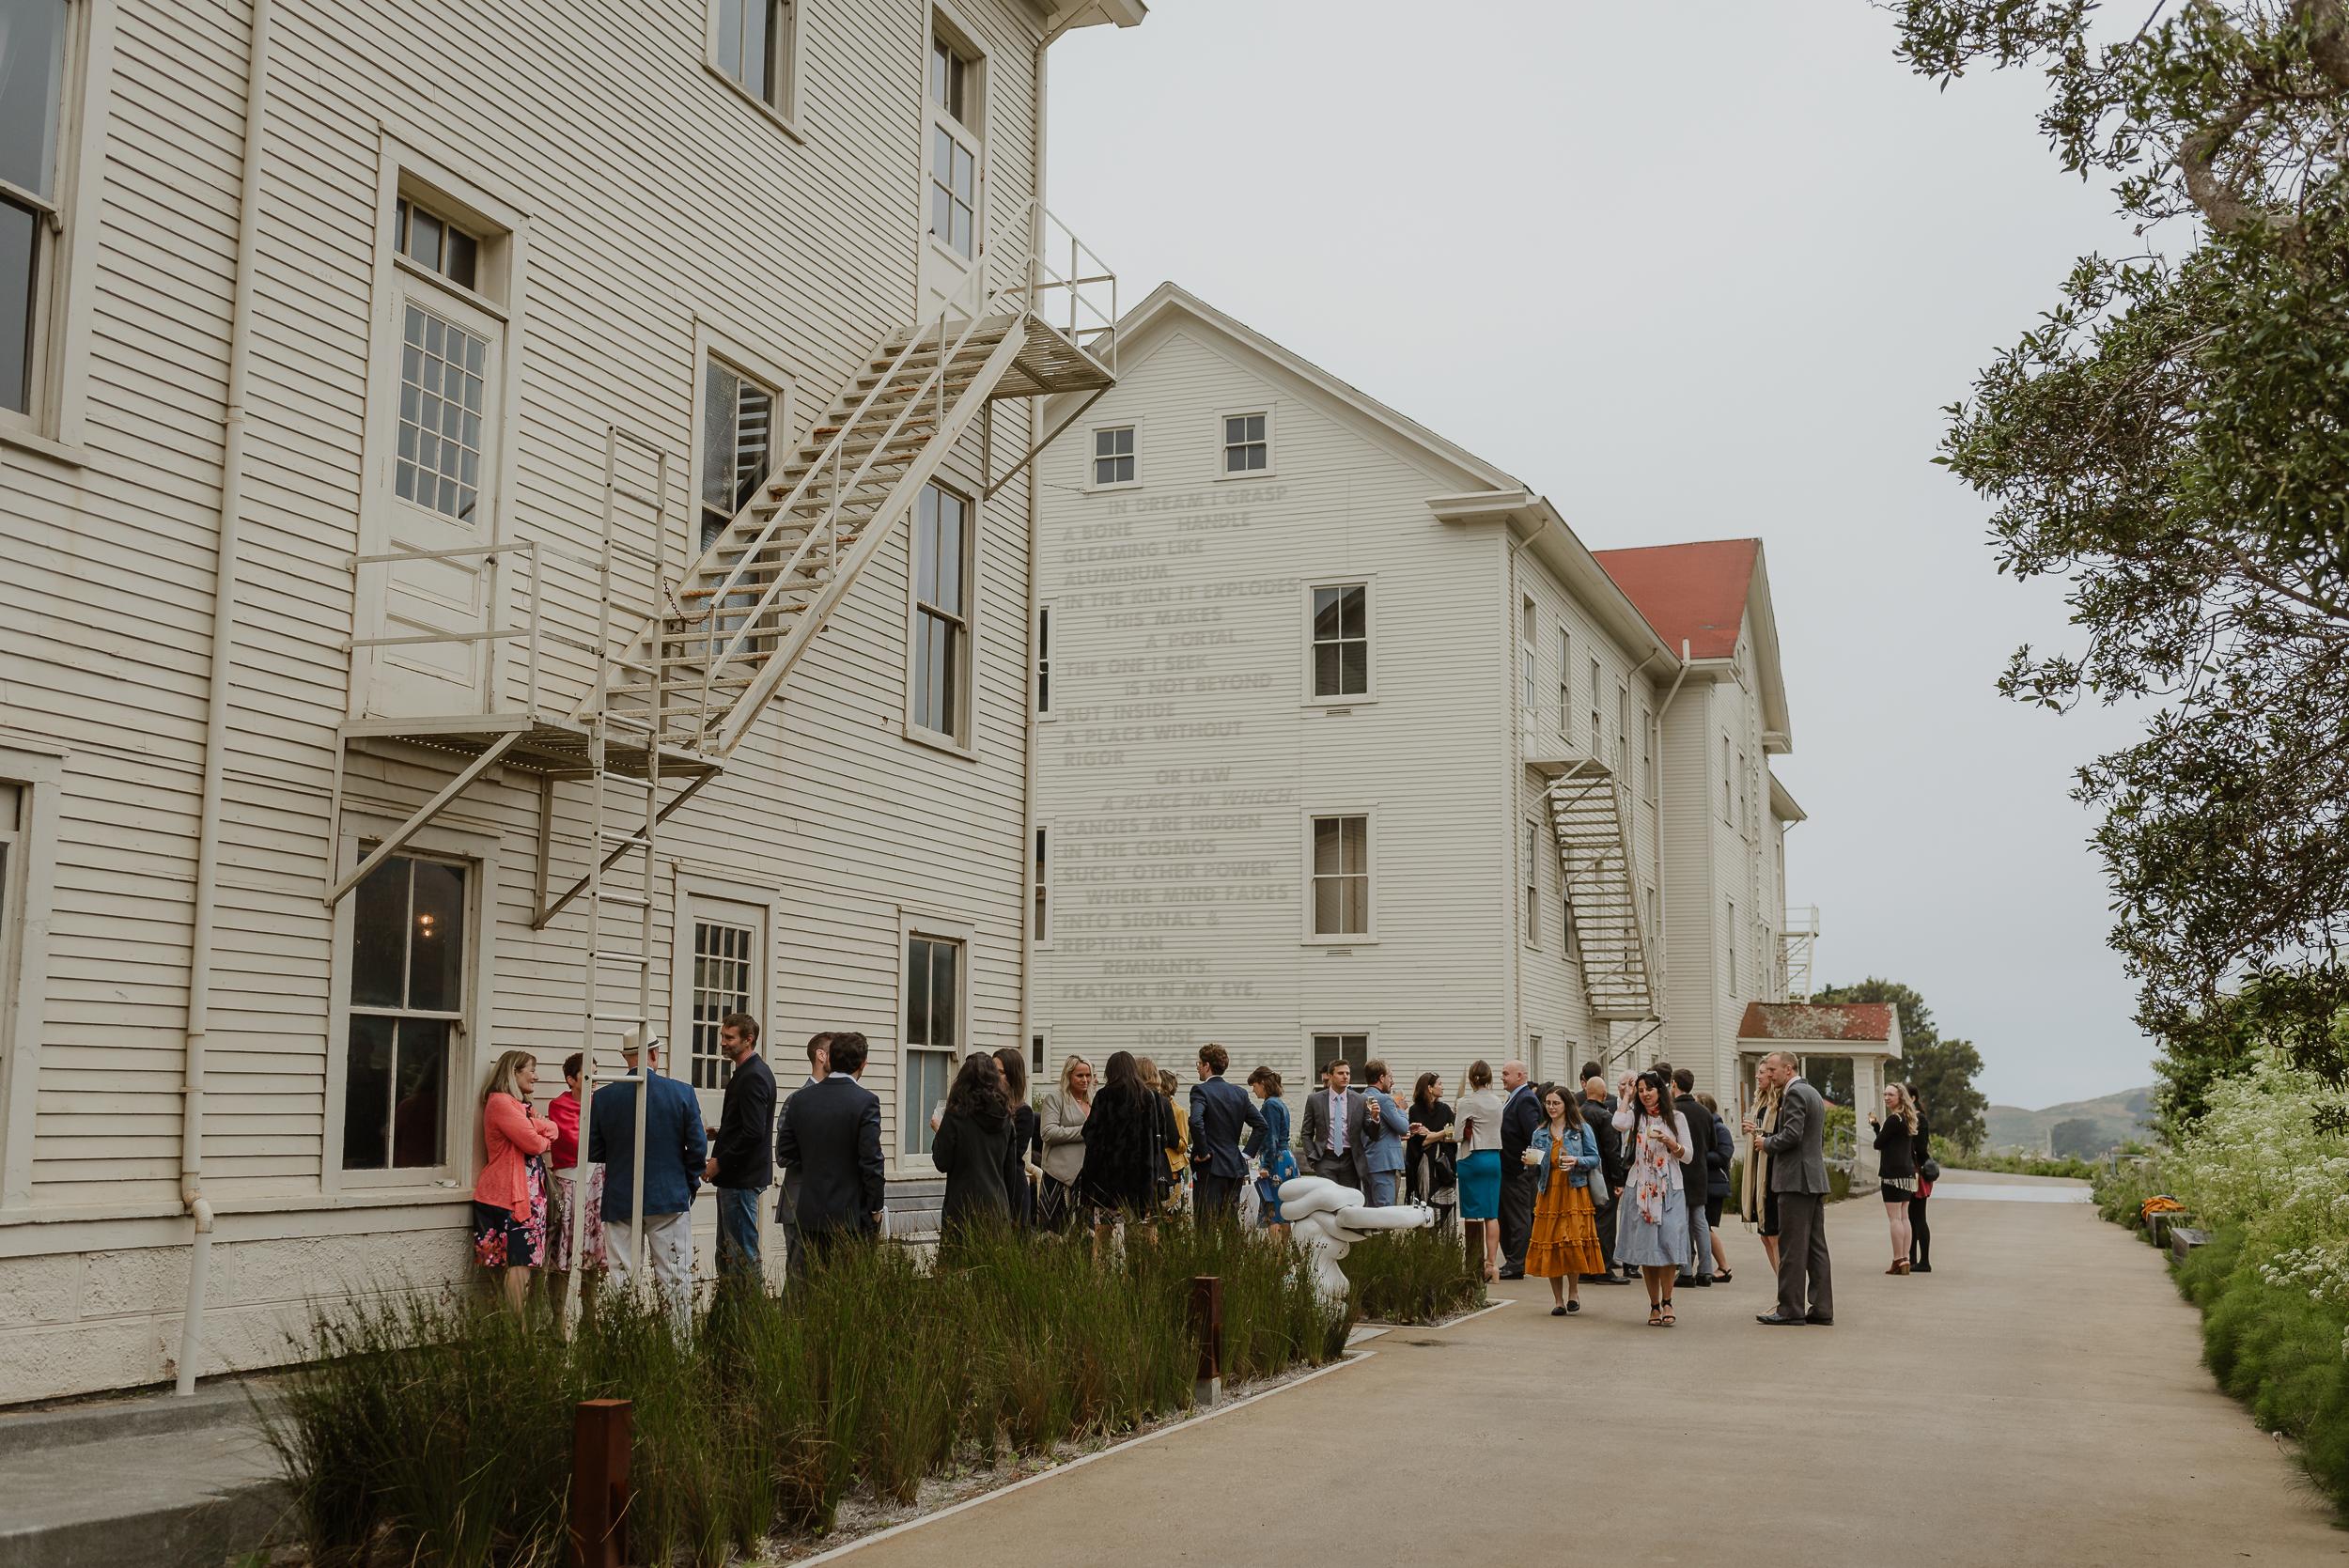 063-san-francisco-headlands-center-for-the-arts-wedding-vivianchen-423.jpg